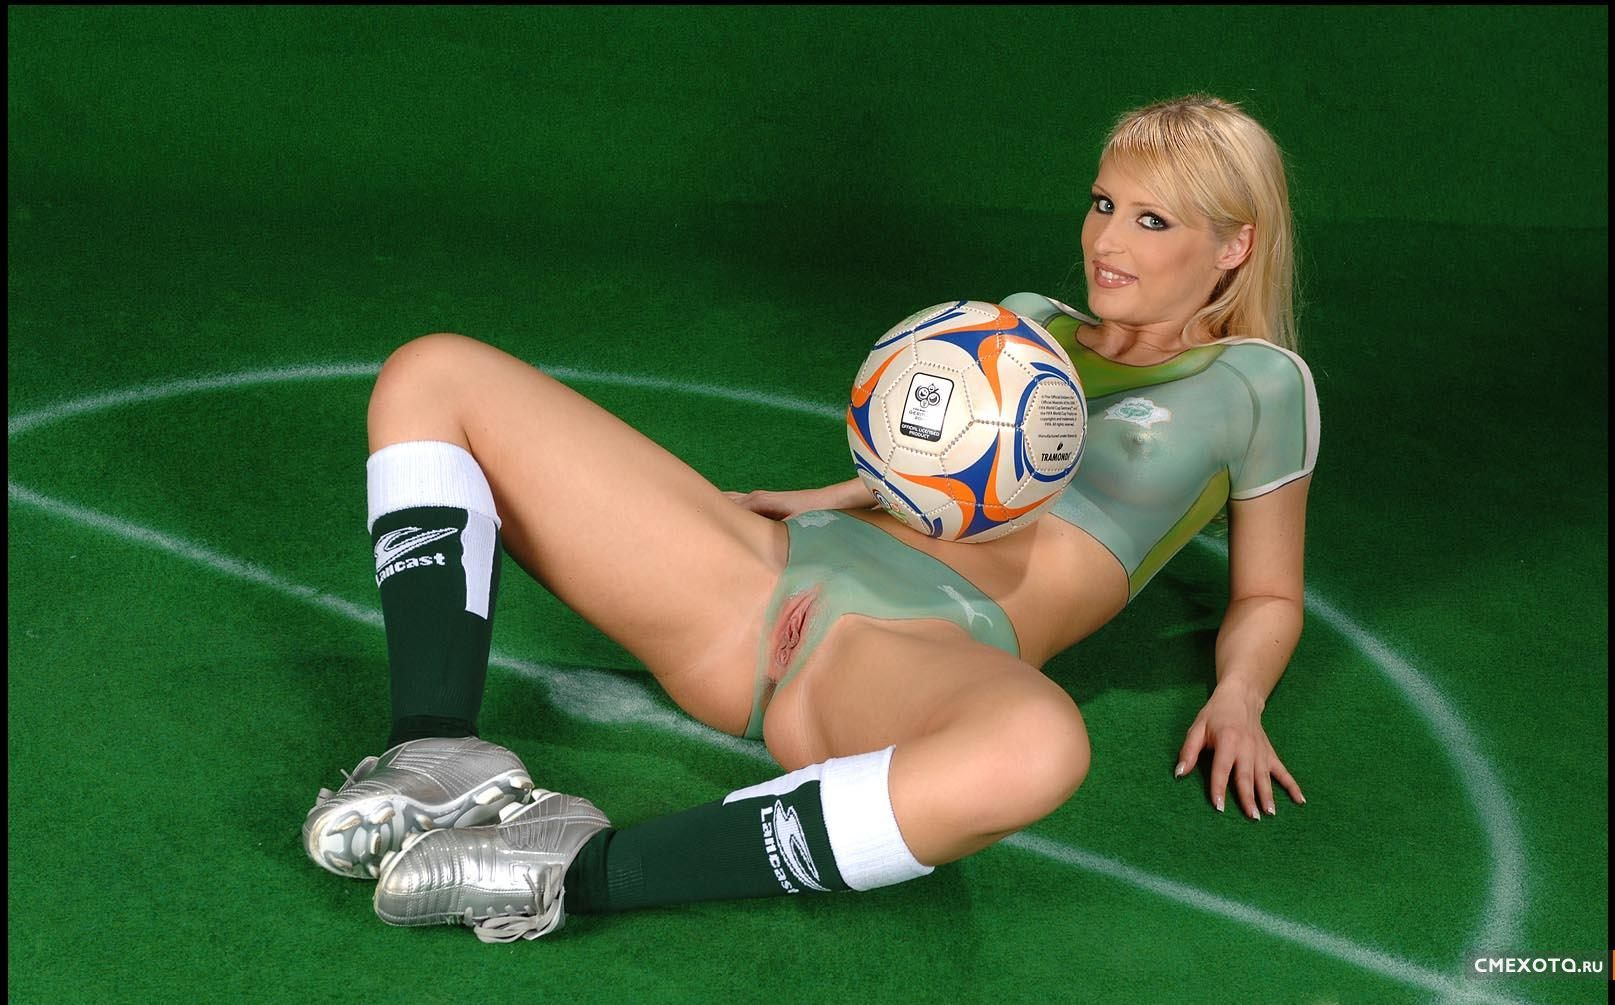 обезумел возбуждения голые девушки футболистов фото прекрасная жопа